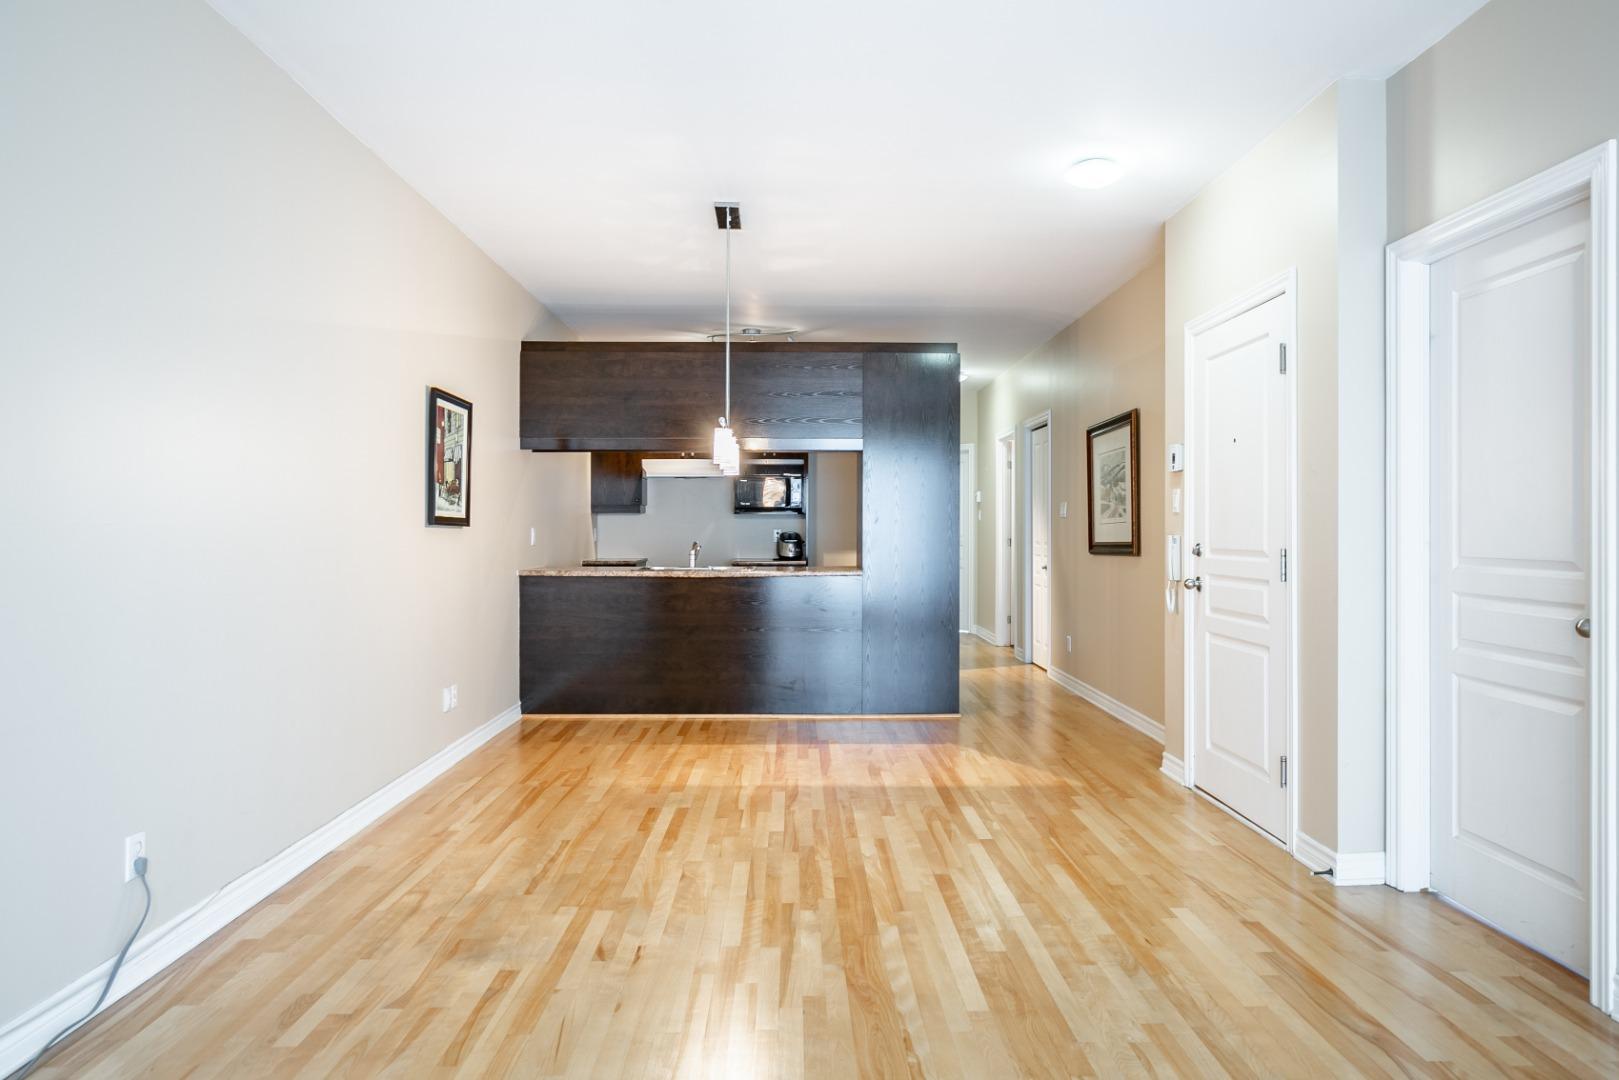 condo a vendre rosemont_montreal- 3860 rue masson_#3_AL-7.jpg